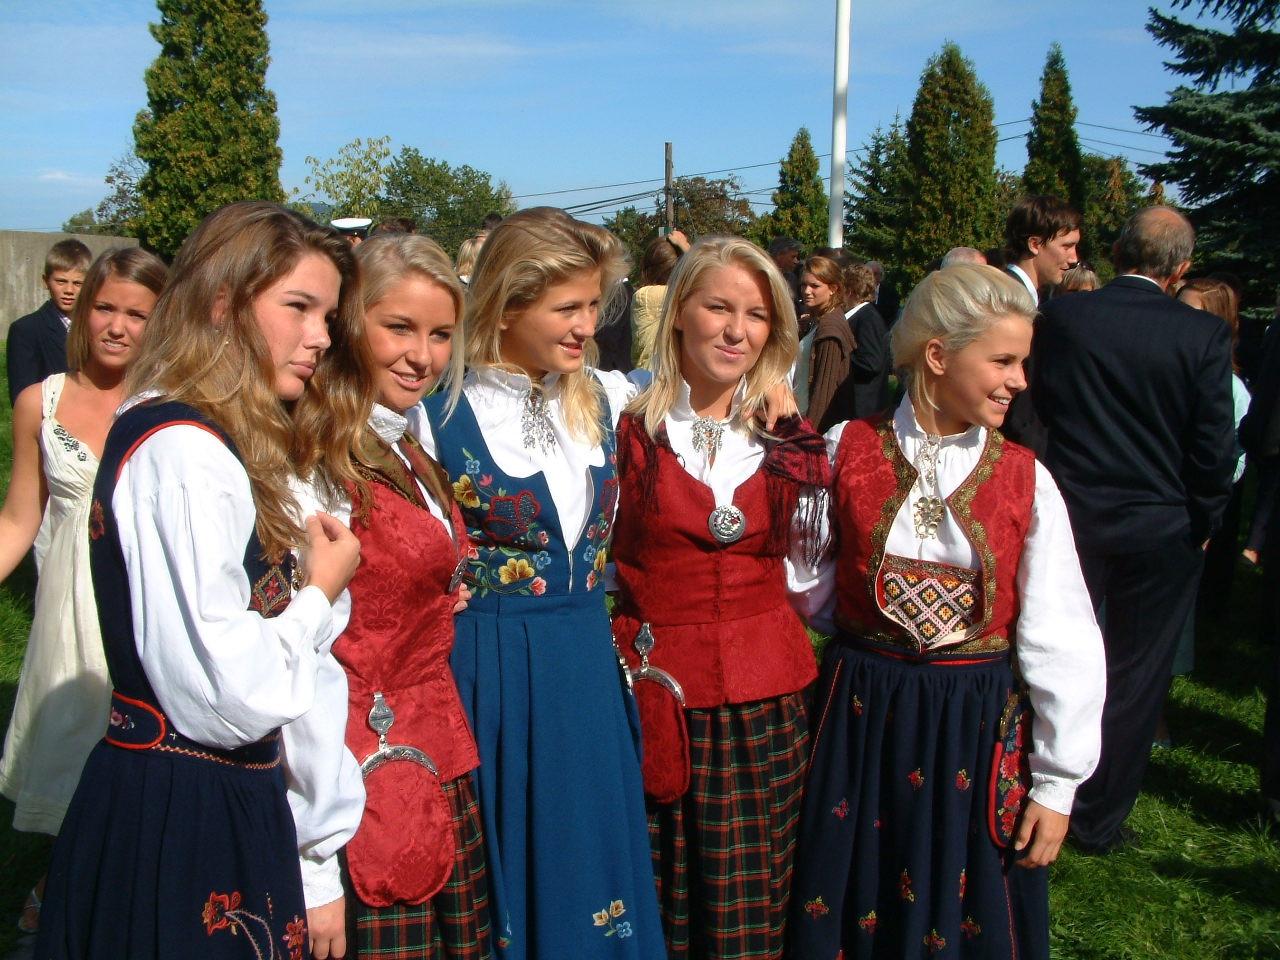 Ett gäng tjejer klädda i norska folkdräkter.